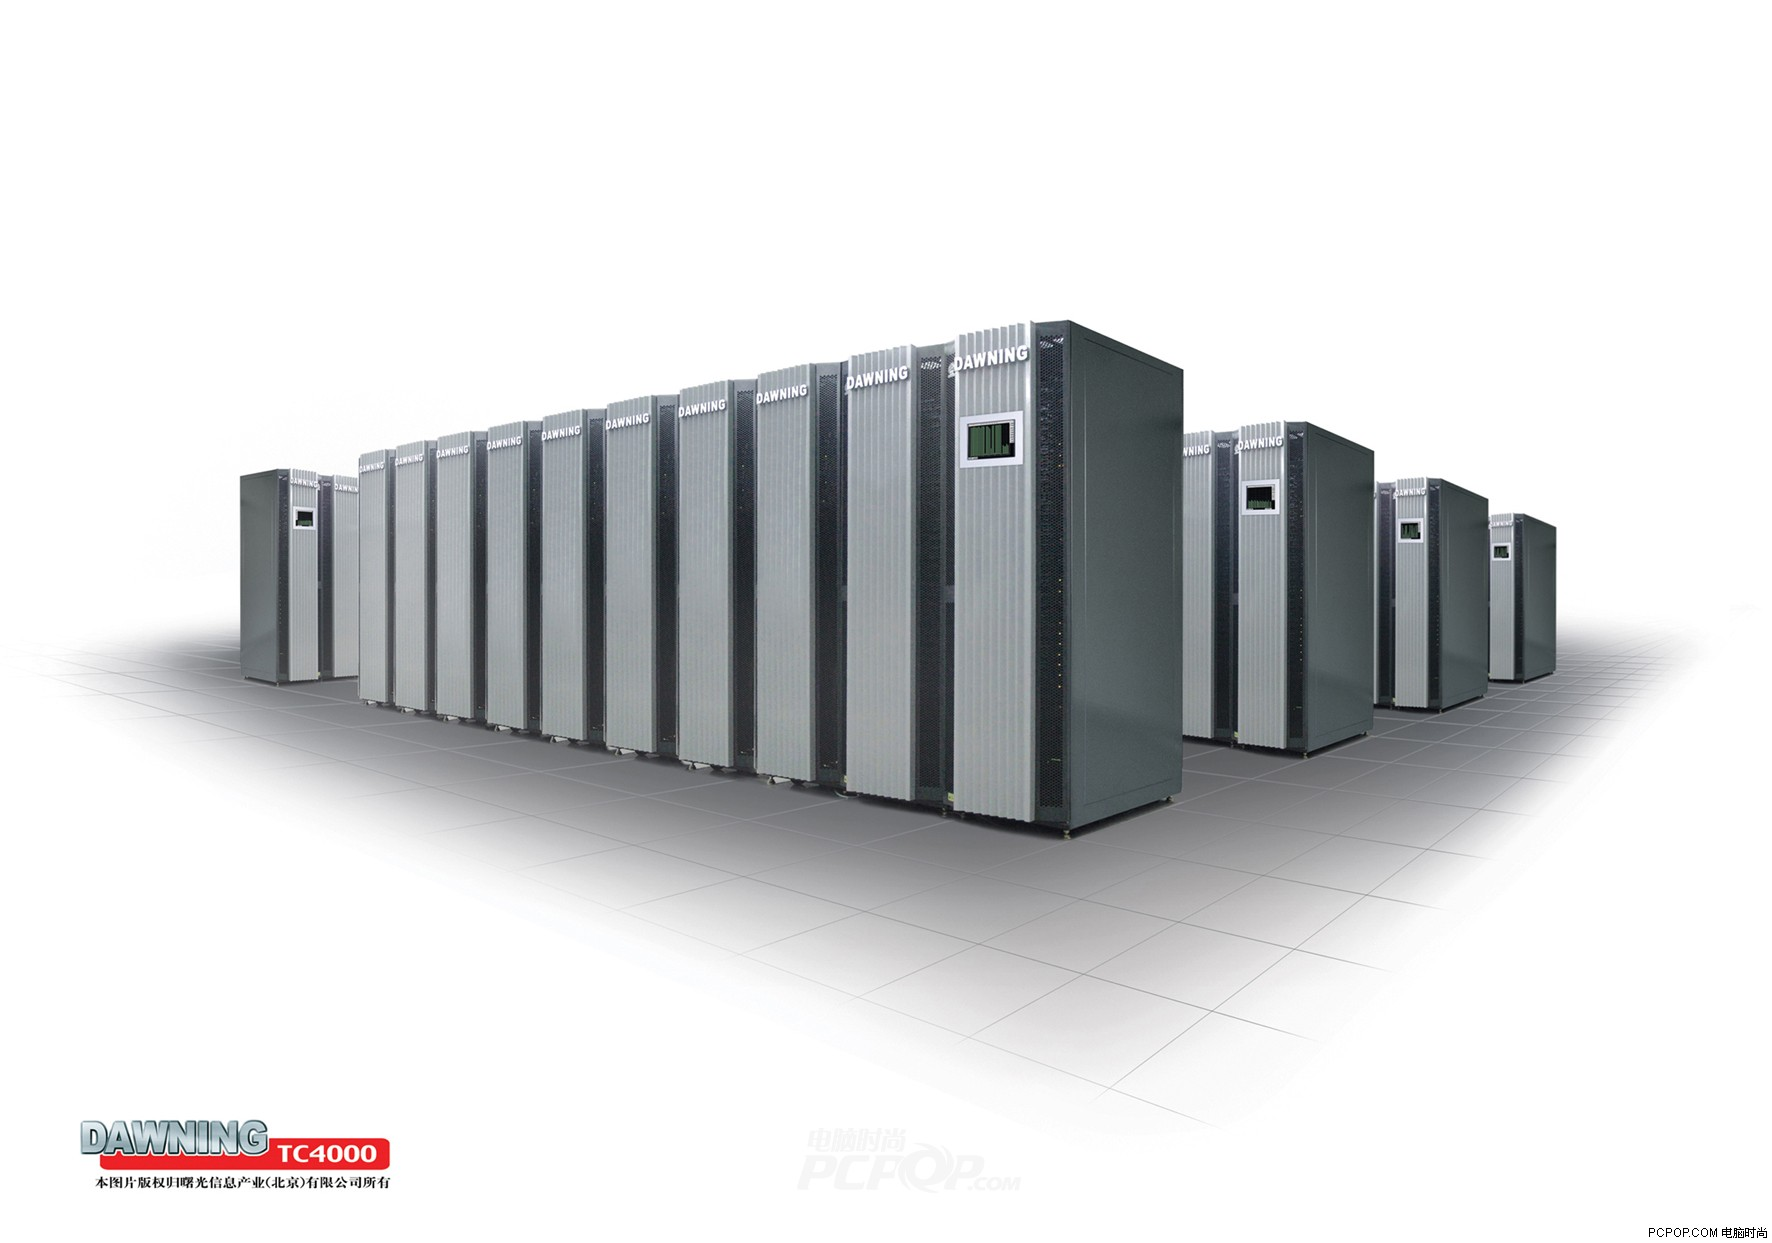 曙光: 4000a超级计算机亮相国家十五图片1